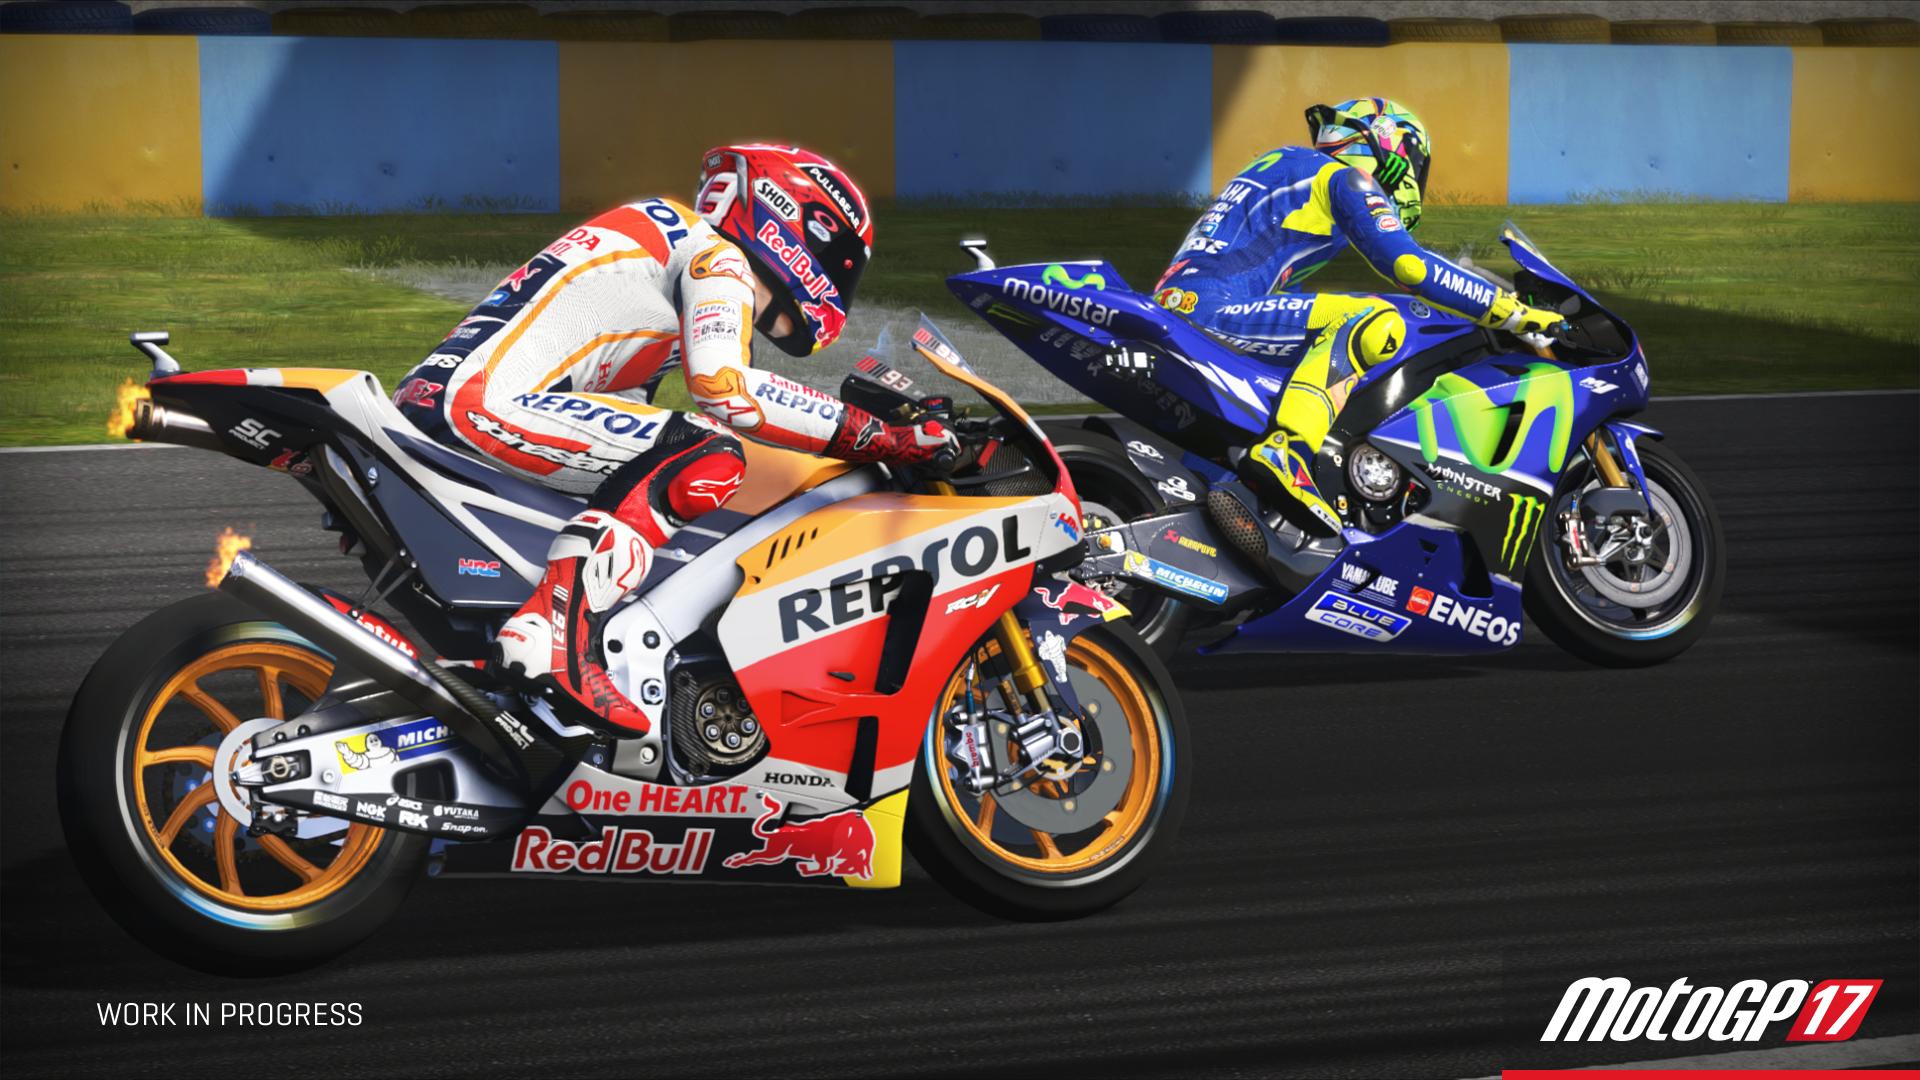 Xbox One MotoGP 17